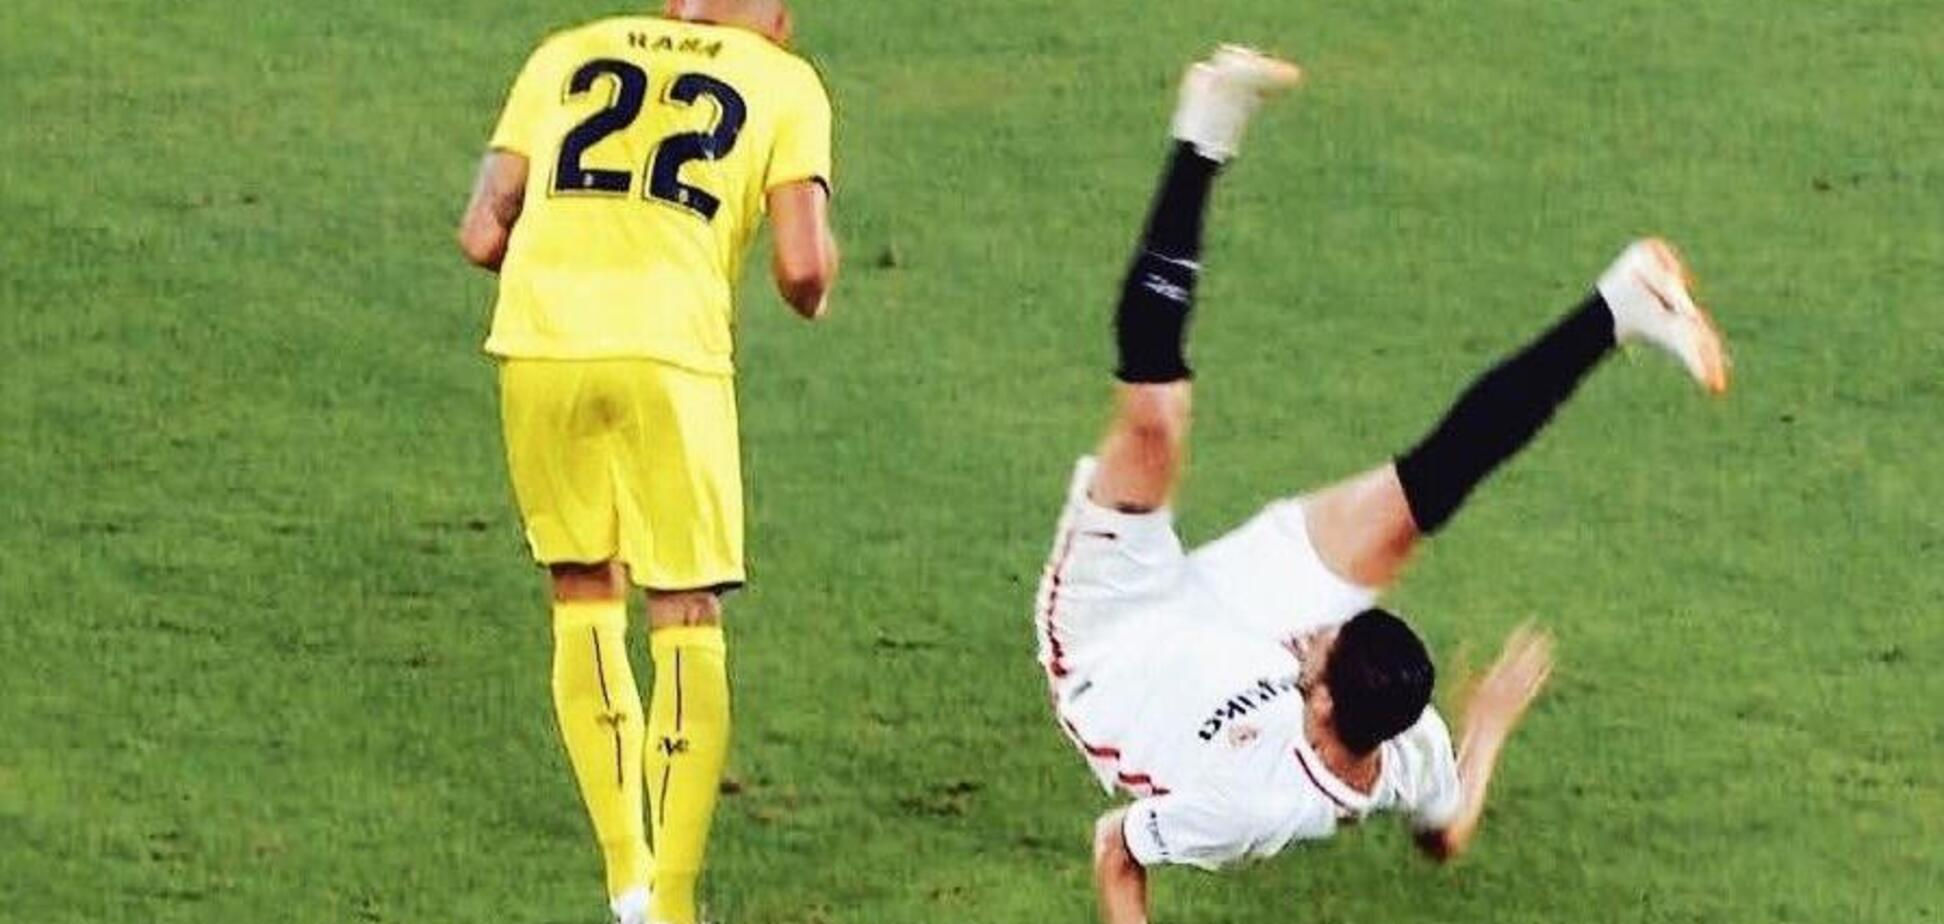 'Ампутировать': футболист прыгнул за мячом и получил кошмарный перелом